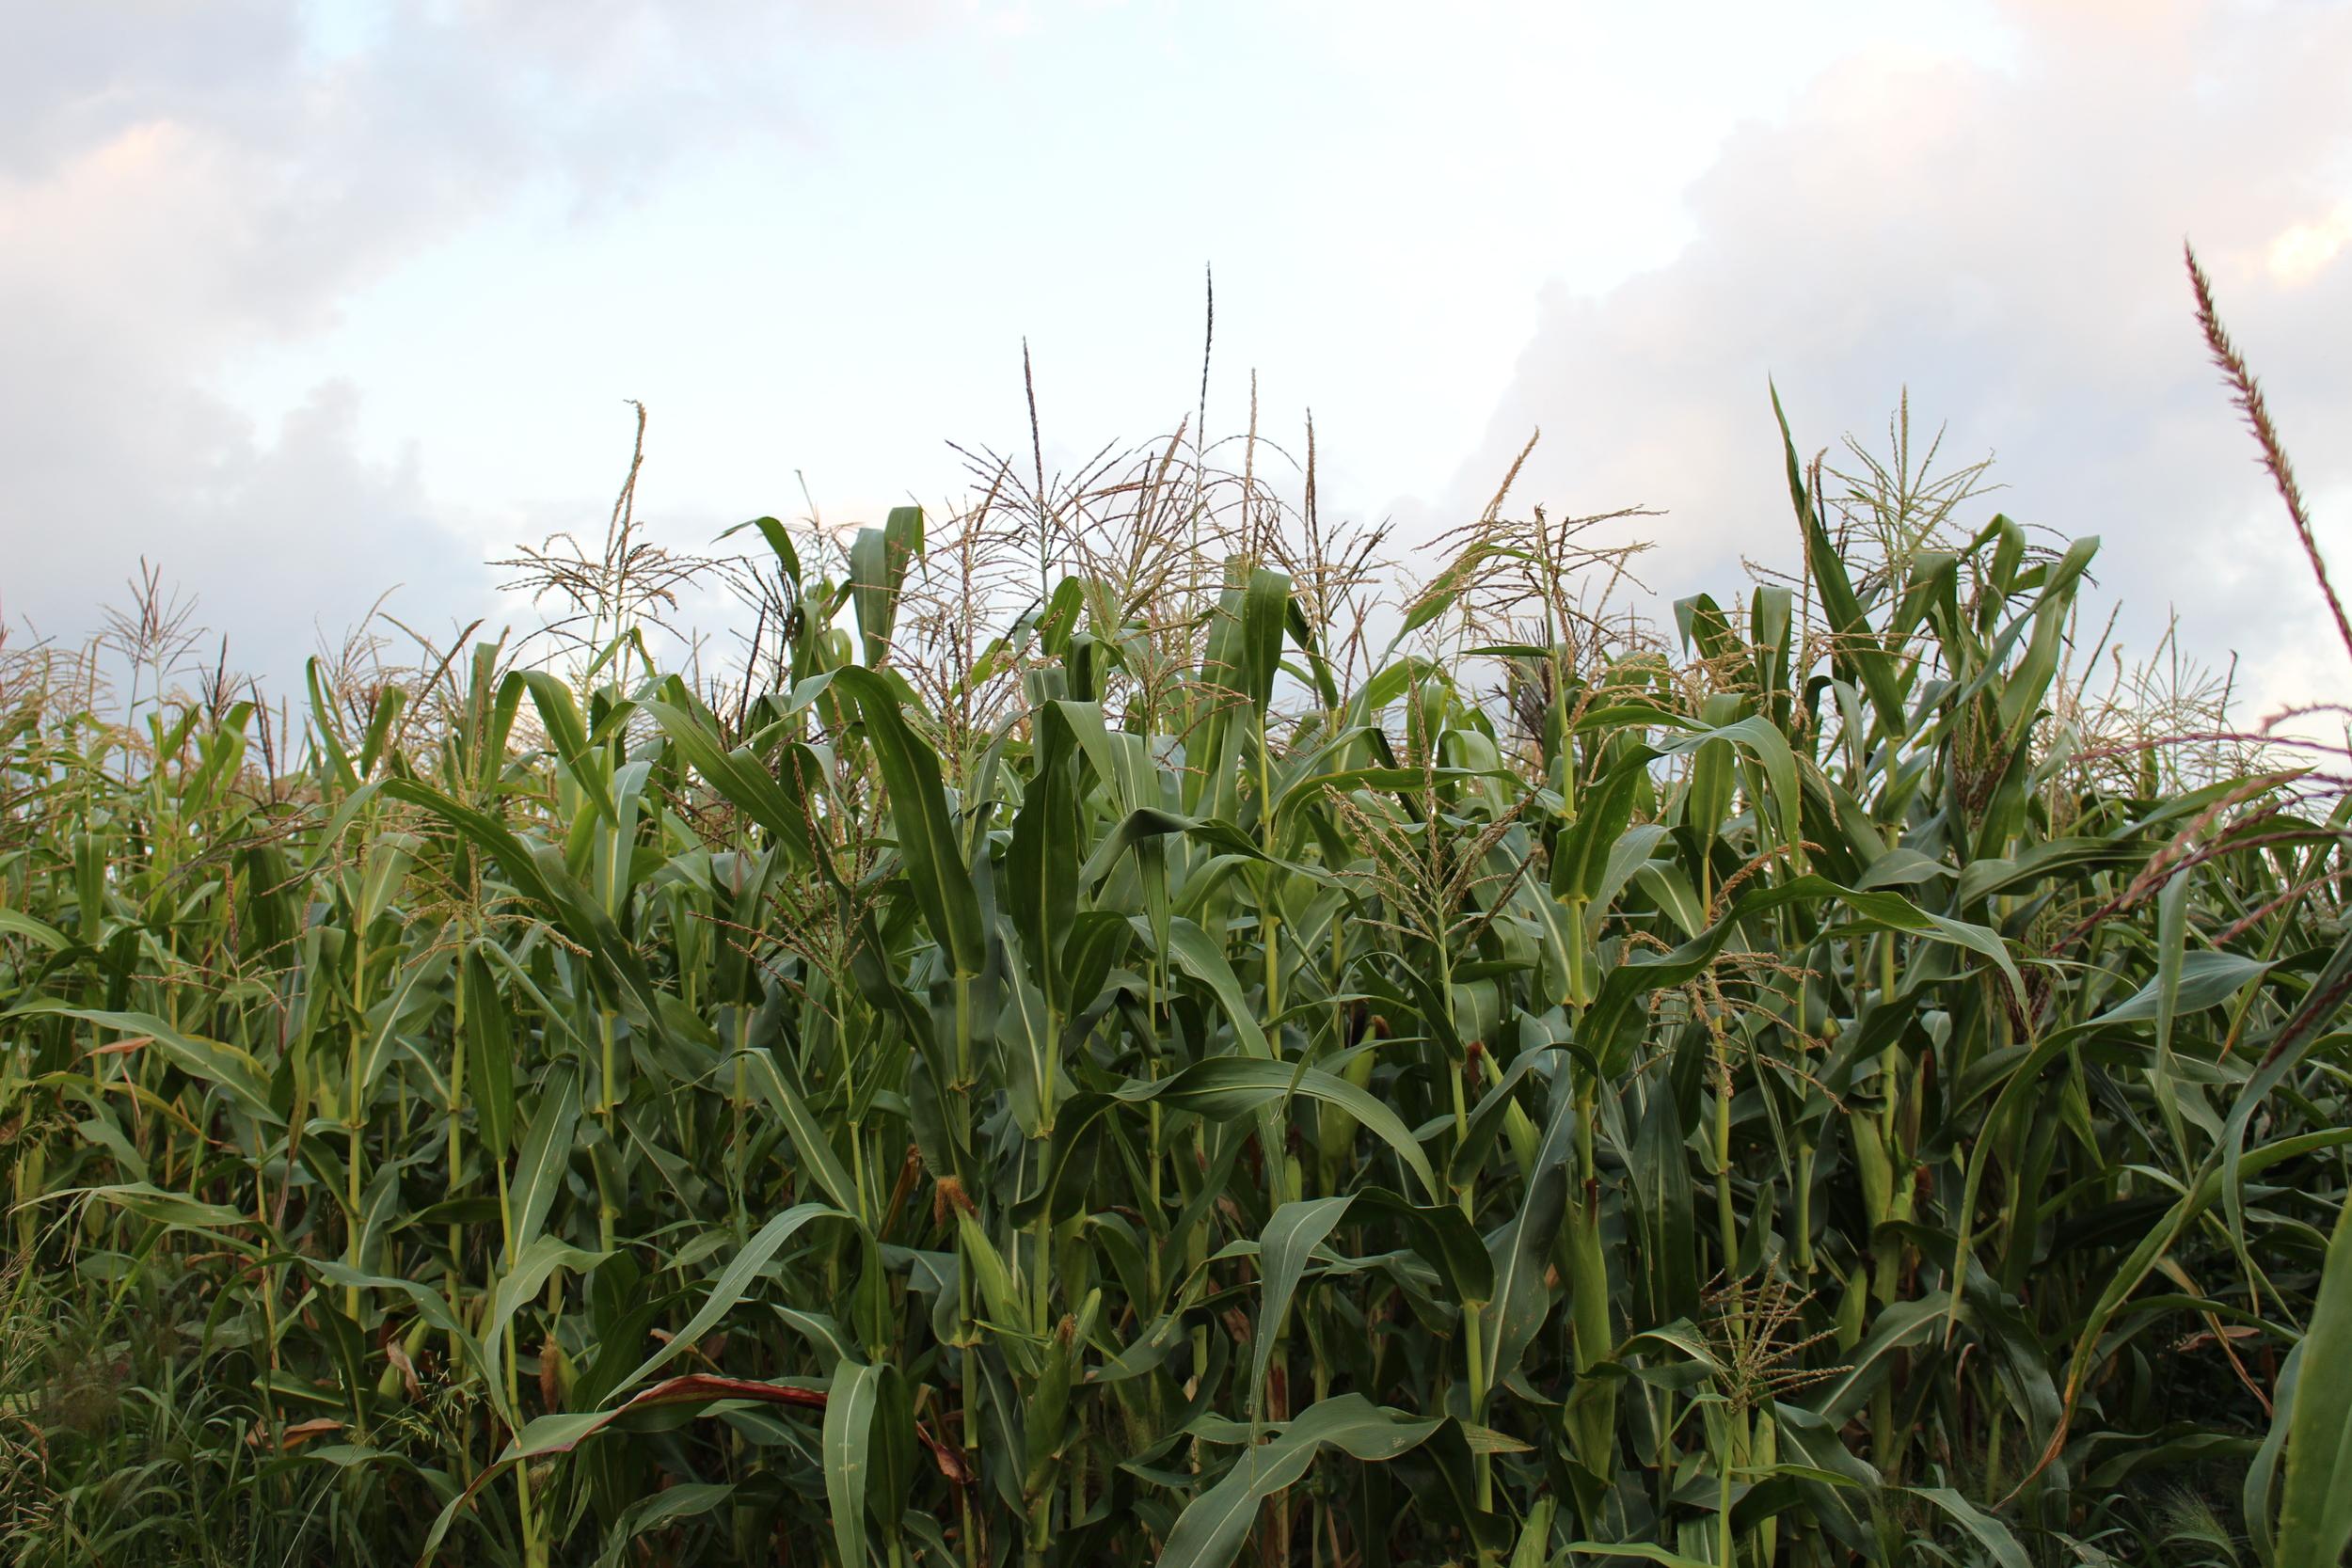 Tall and Beautiful Corn Field at Flynn Creek Farms LLC